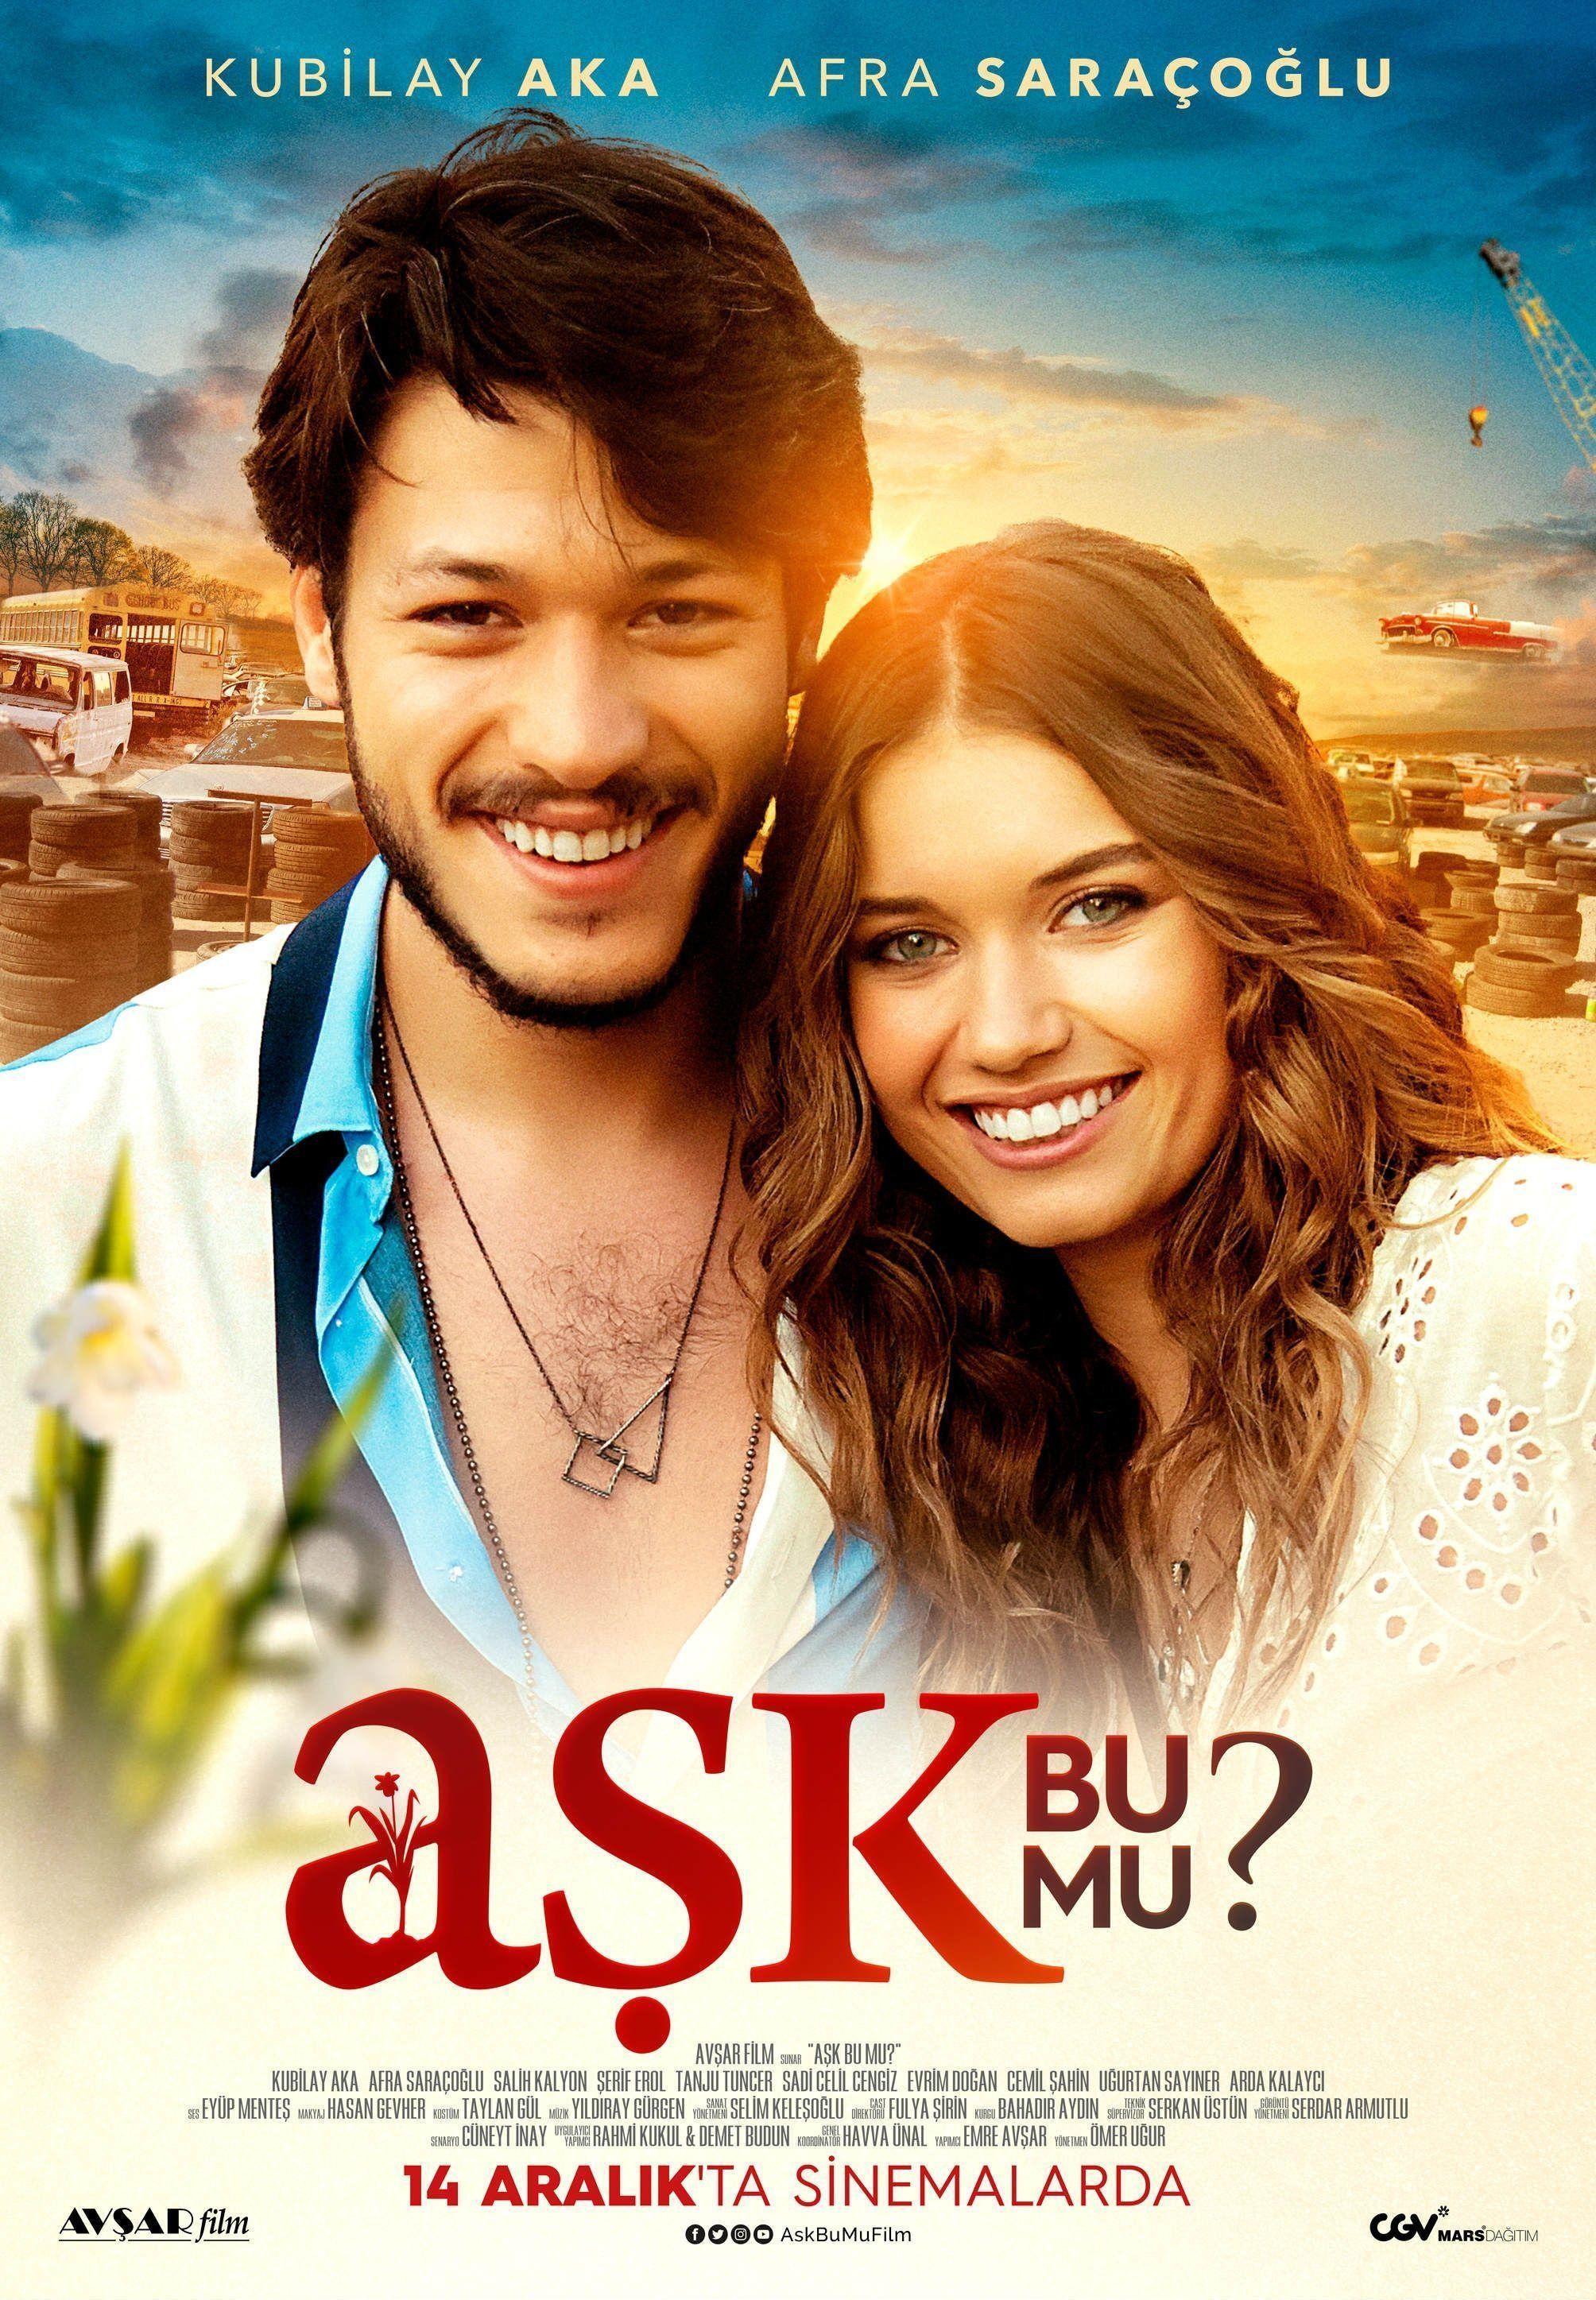 """2018 الفيلم التركي """"هل هذا هو الحب؟"""". تقرير عن الفيلم + صور للأبطال + مدبلج أونلاين . فيلم هل هذا هو الحب؟ مدبلج ."""